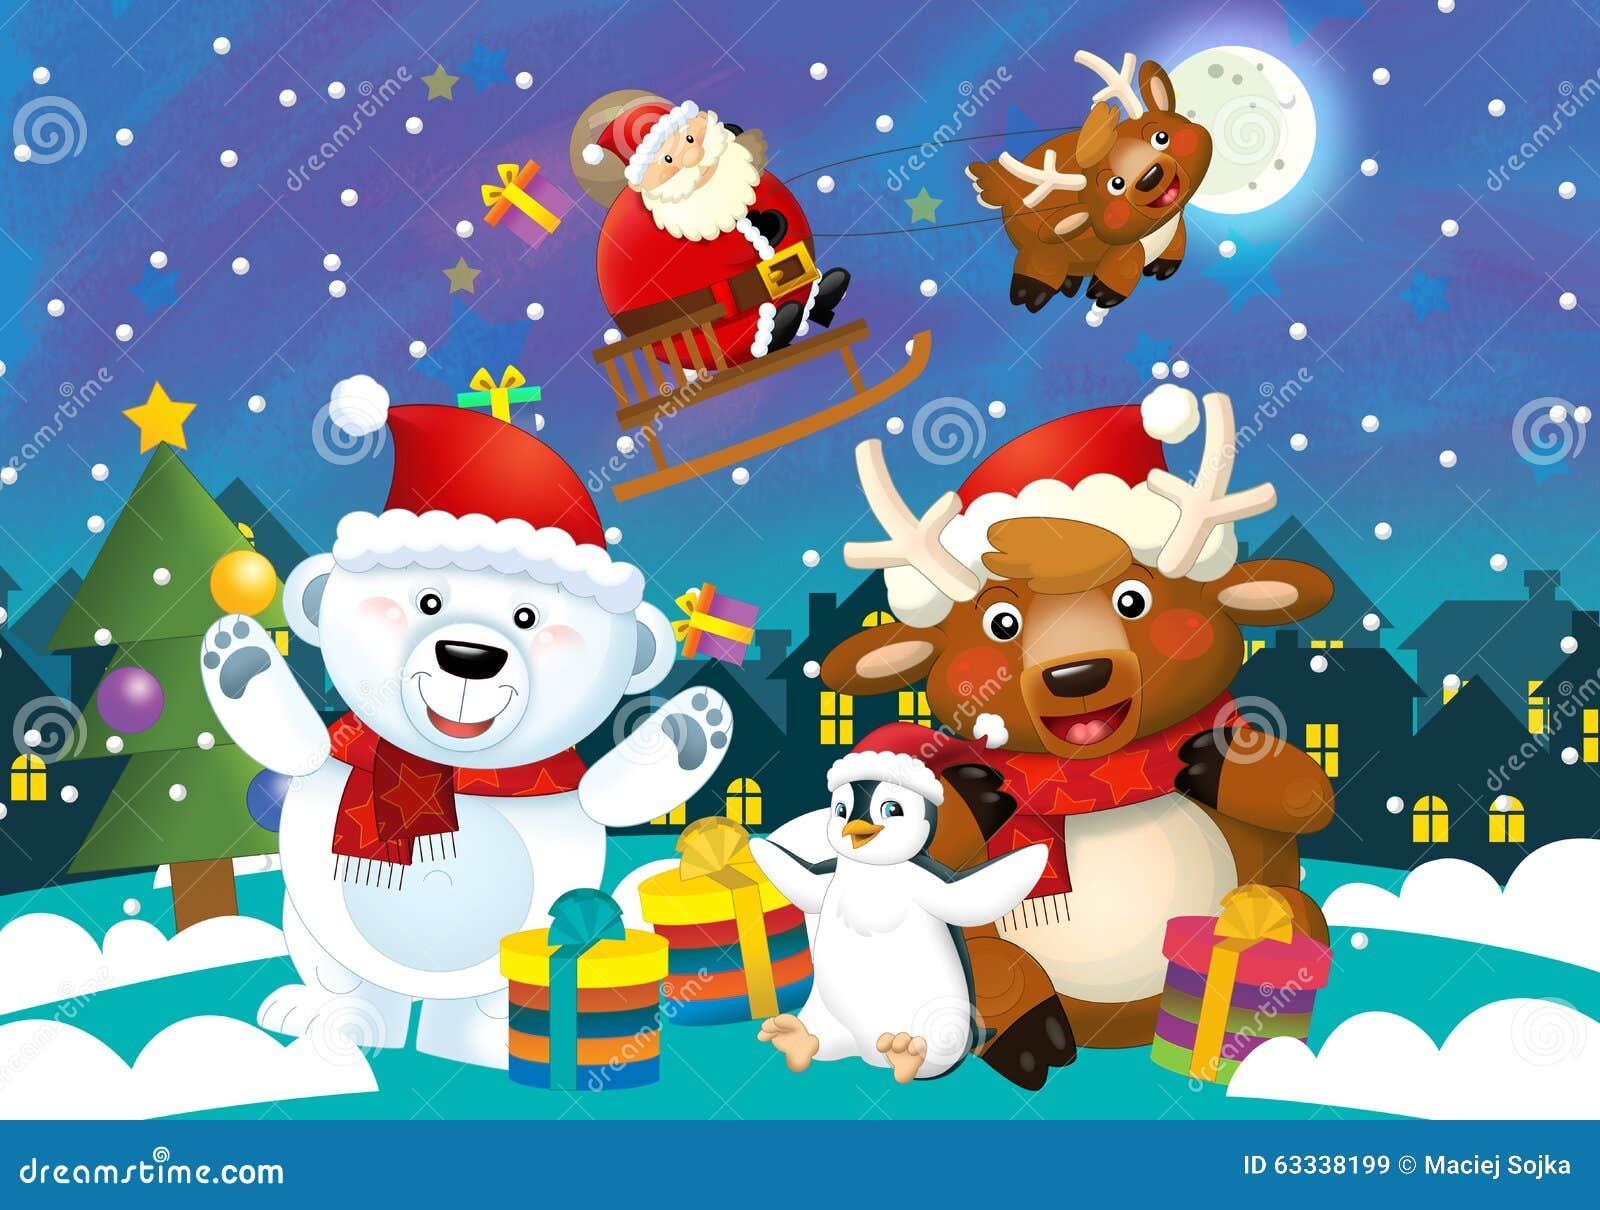 Ilustracao Do Natal Dos Desenhos Animados Com Papai Noel E Os